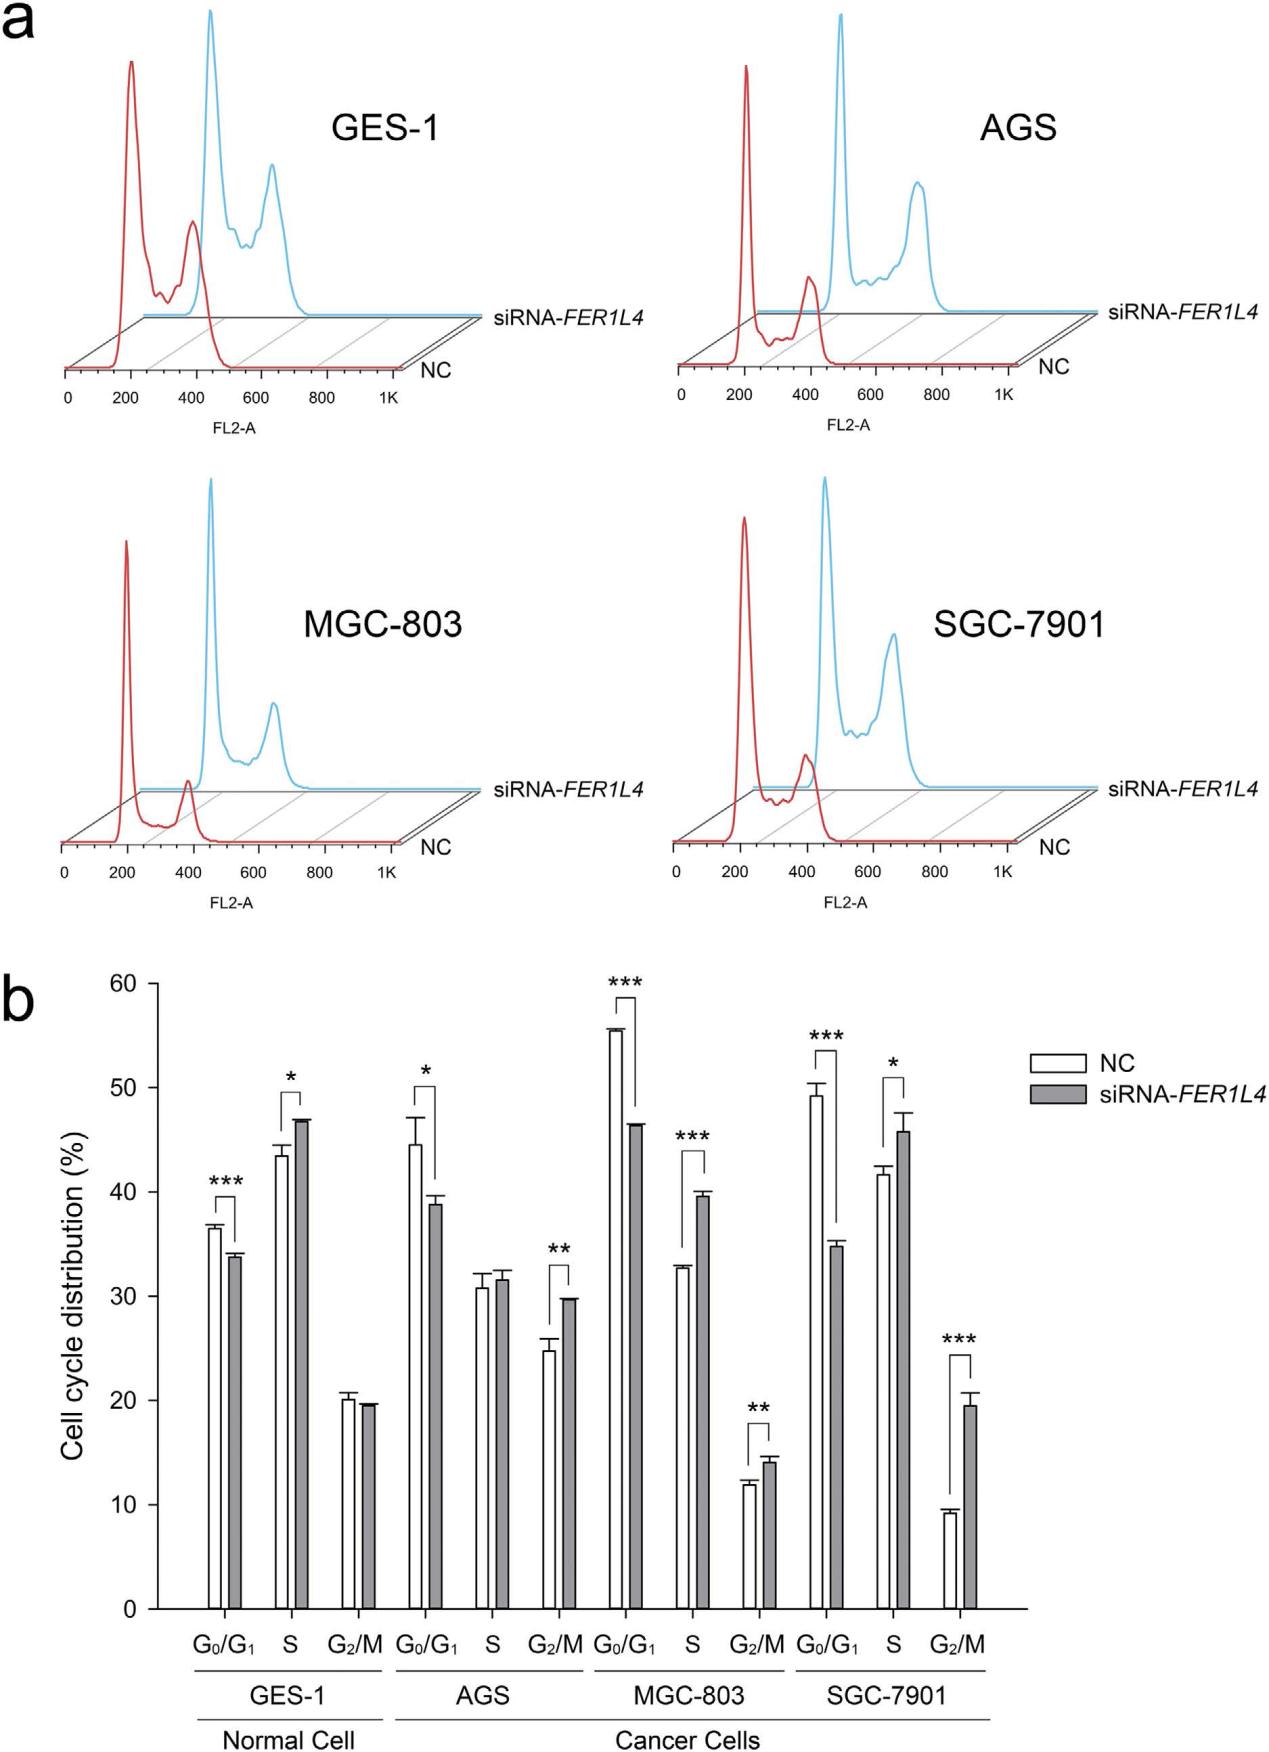 ceRNA是一类通过竞争性结合microRNA来影响microRNA-RNA的转录后调控。作为一种全新的基因转录后调控机制,拓宽了我们对基因调控的进一步理解。当我们想进入这个最新的研究领域时,我们该怎么入手呢?来自宁波大学医学院的研究人员通过他们对胃癌中一个lncRNA-FER1L4的研究,为我们展示了ceRNA调控机制的研究策略。 研究背景: 长链非编码RNA(lncRNA)是一类长度大于200nt的非编码RNA,通过转录调控,转